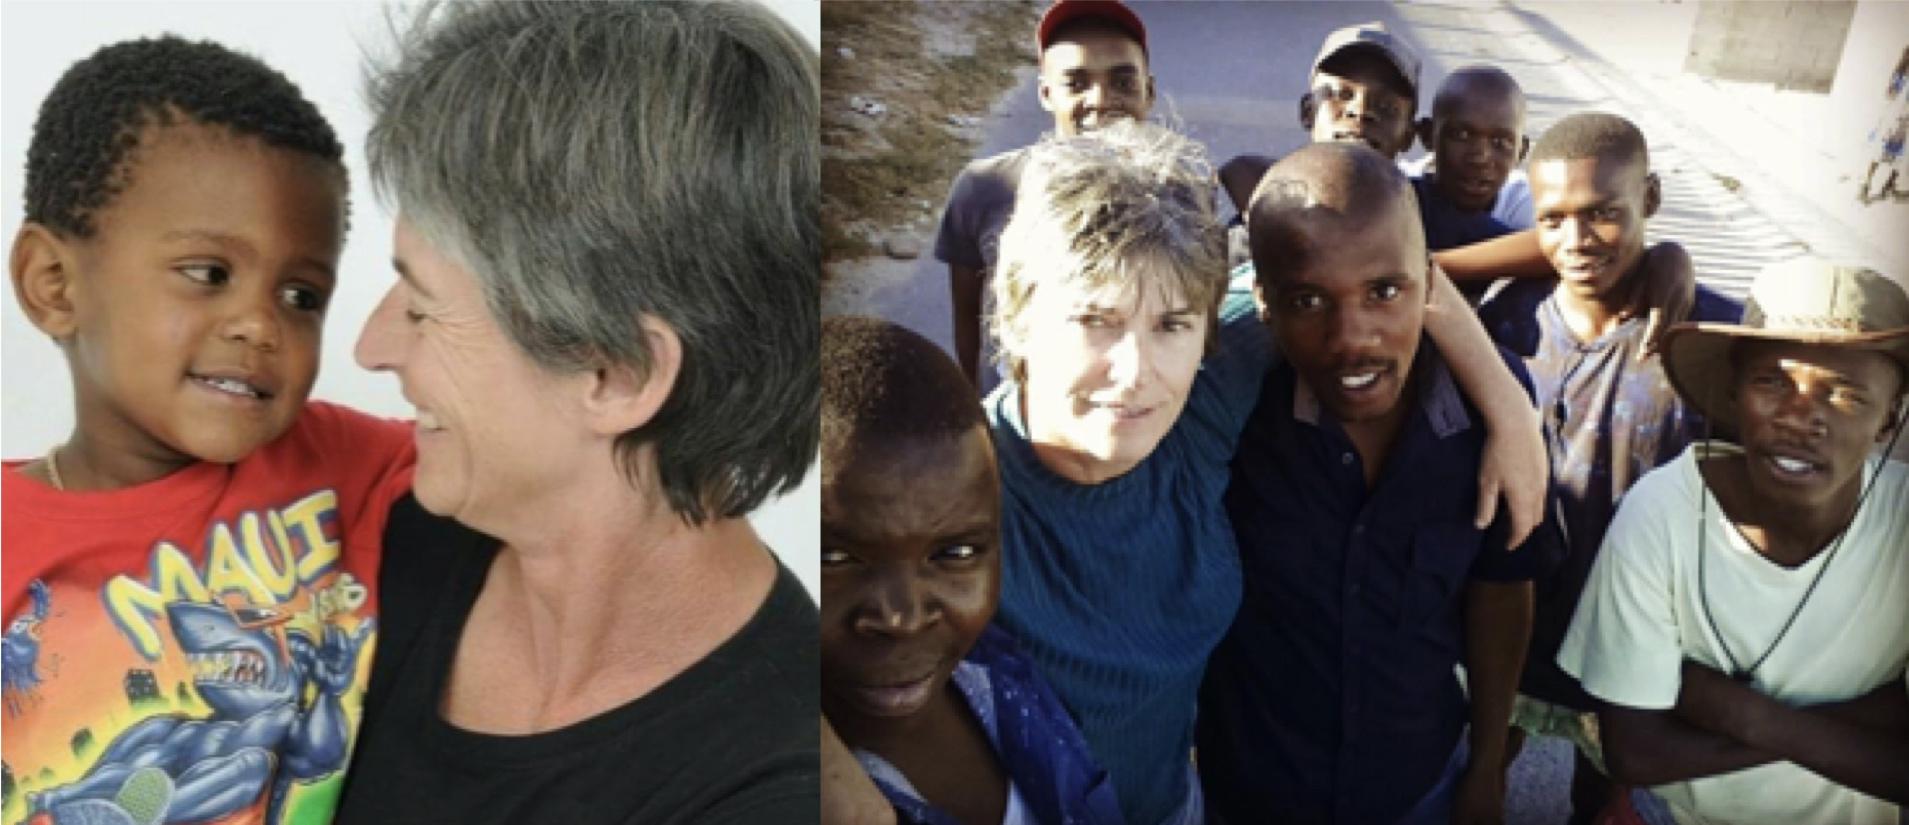 «Nada es imposible cuando buscamos la justicia»: Moira Edmunds